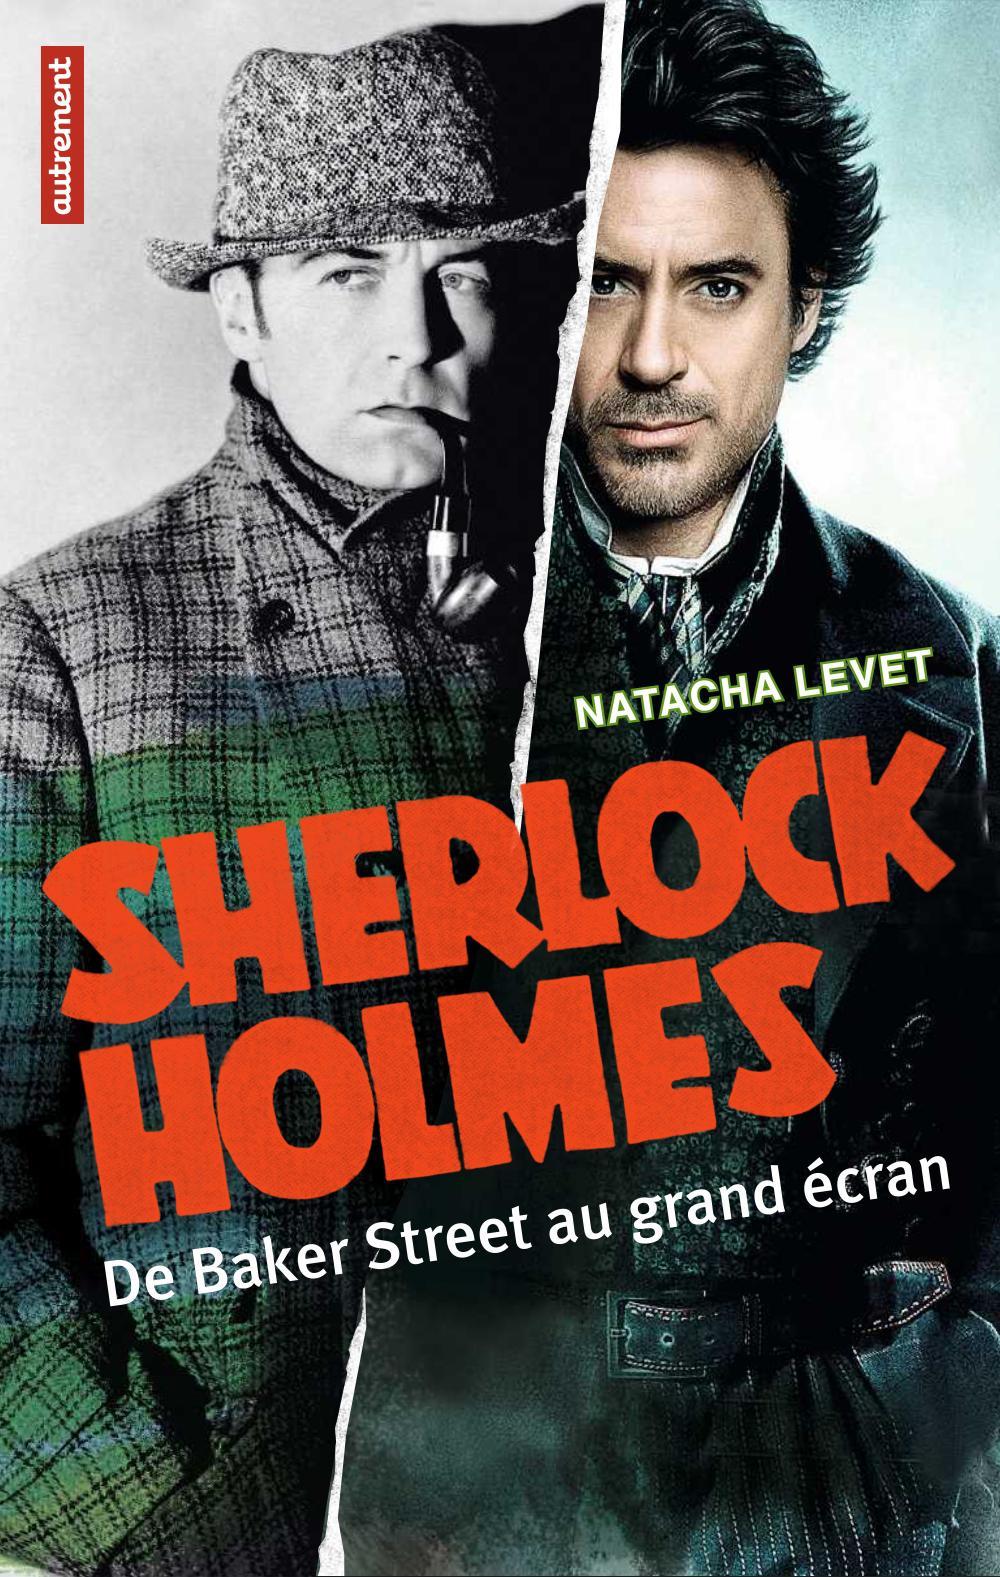 Sherlock Holmes, DE BAKER STREET AU GRAND ÉCRAN